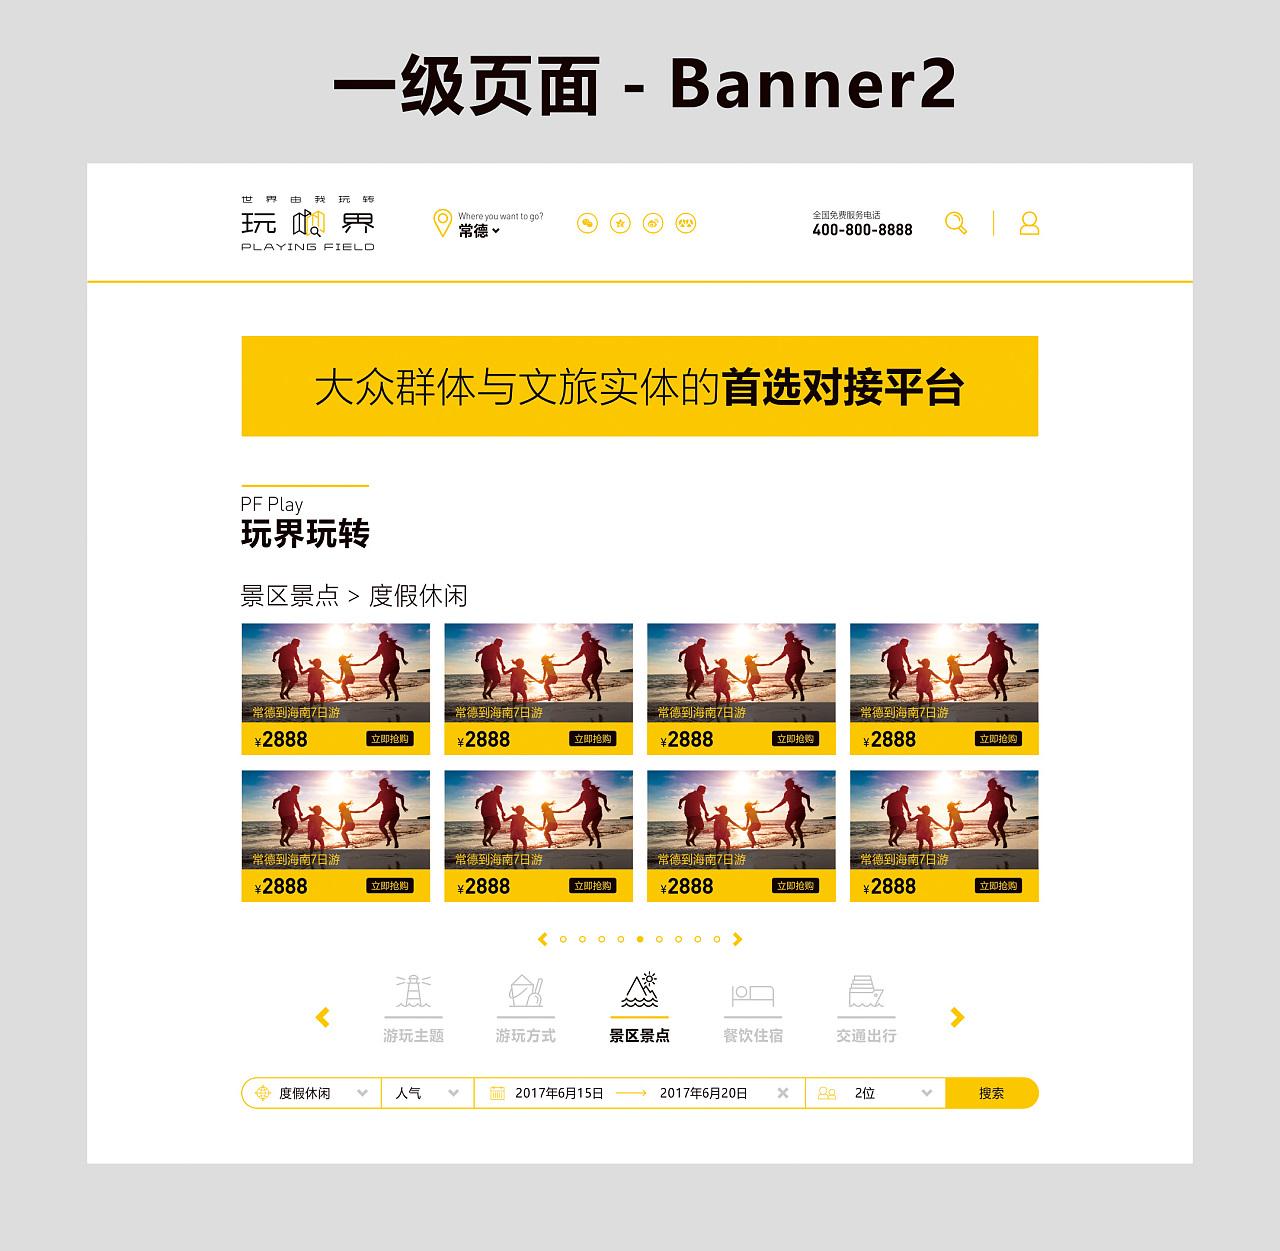 玩界网页设计预览深圳平面设计培训班一般都要多少钱图片